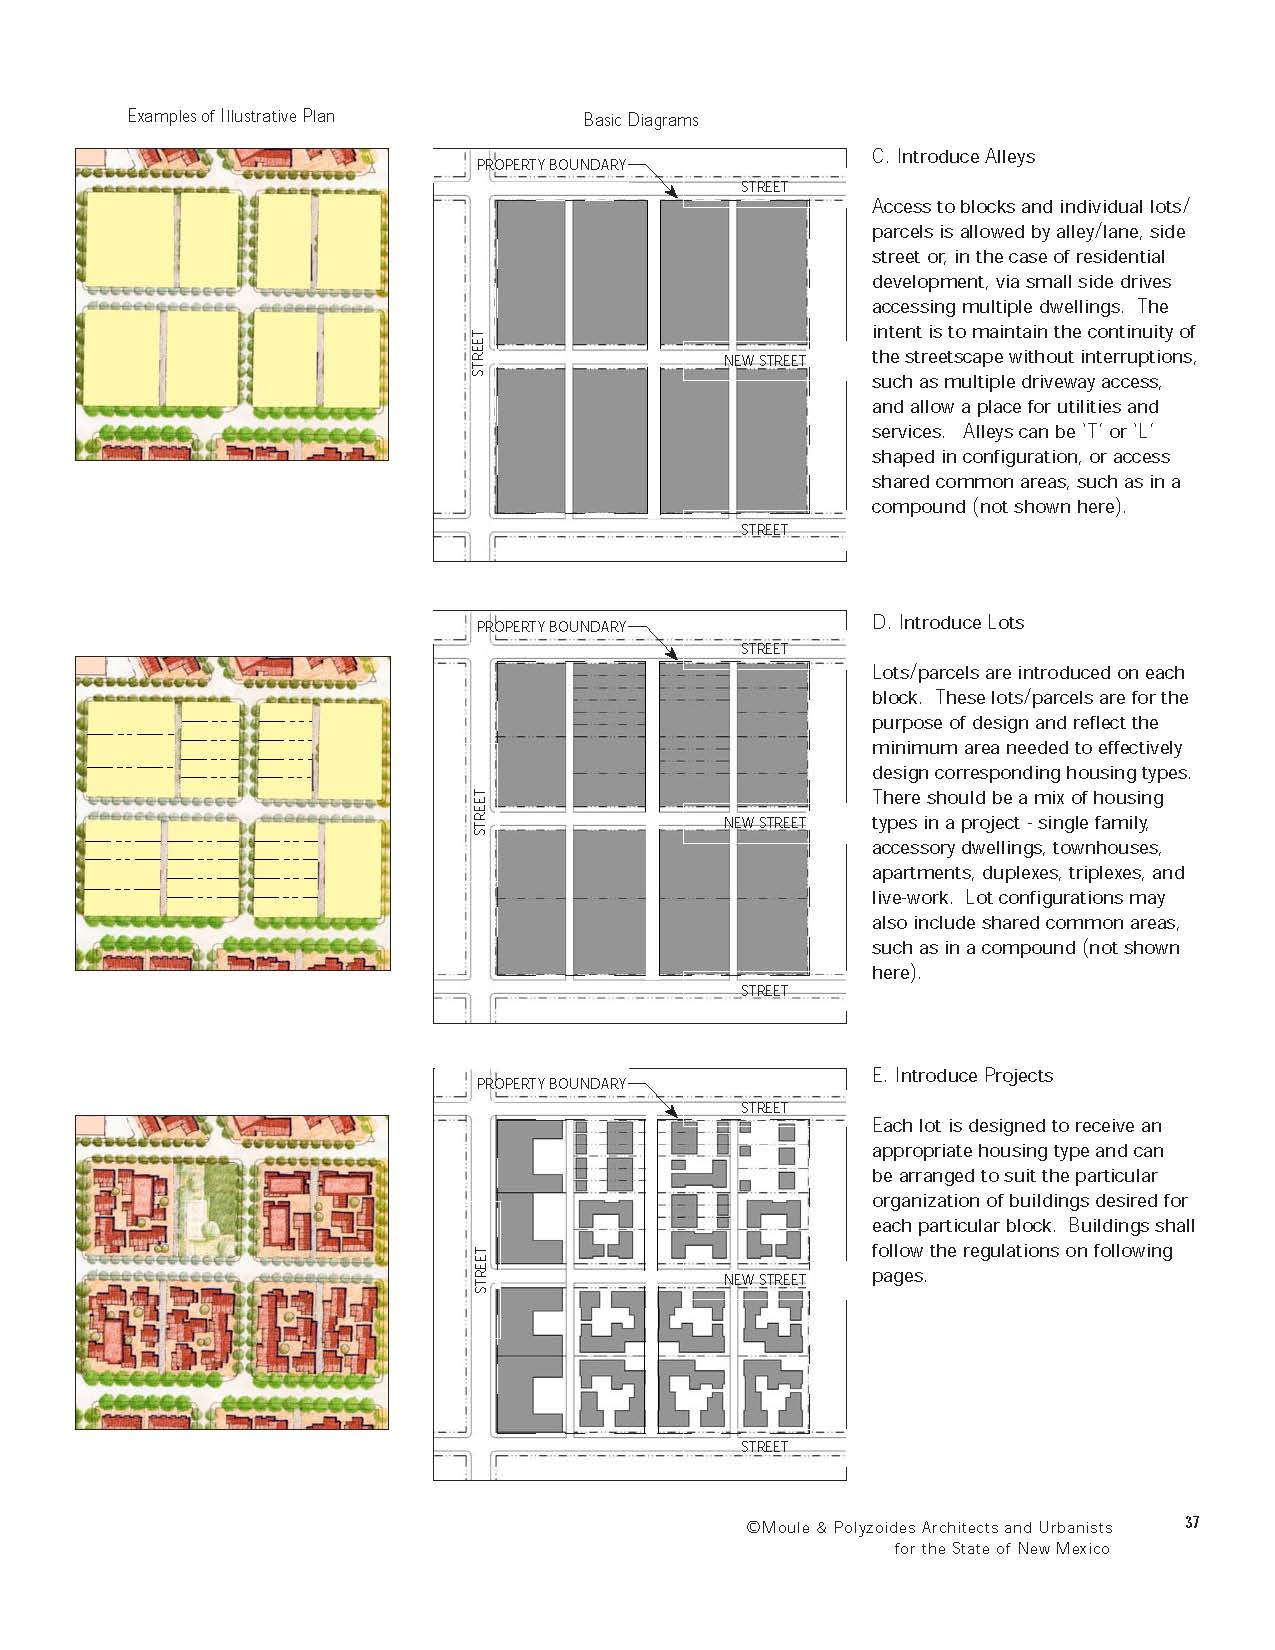 colonias_Page_37.jpg